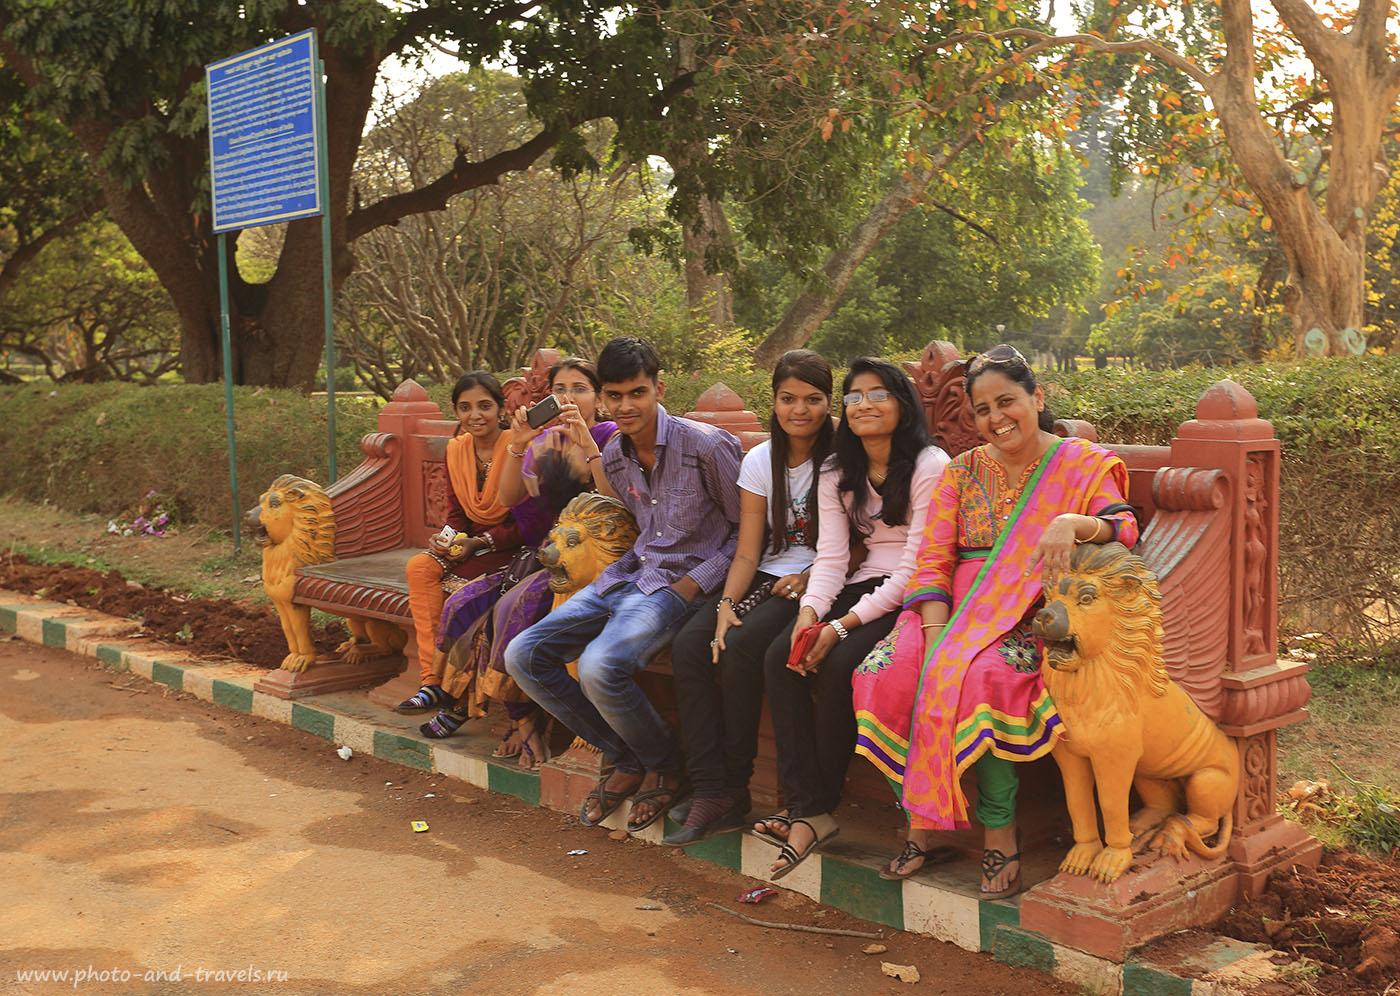 Фото 7. Встреча в ботаническом саду Бангалора